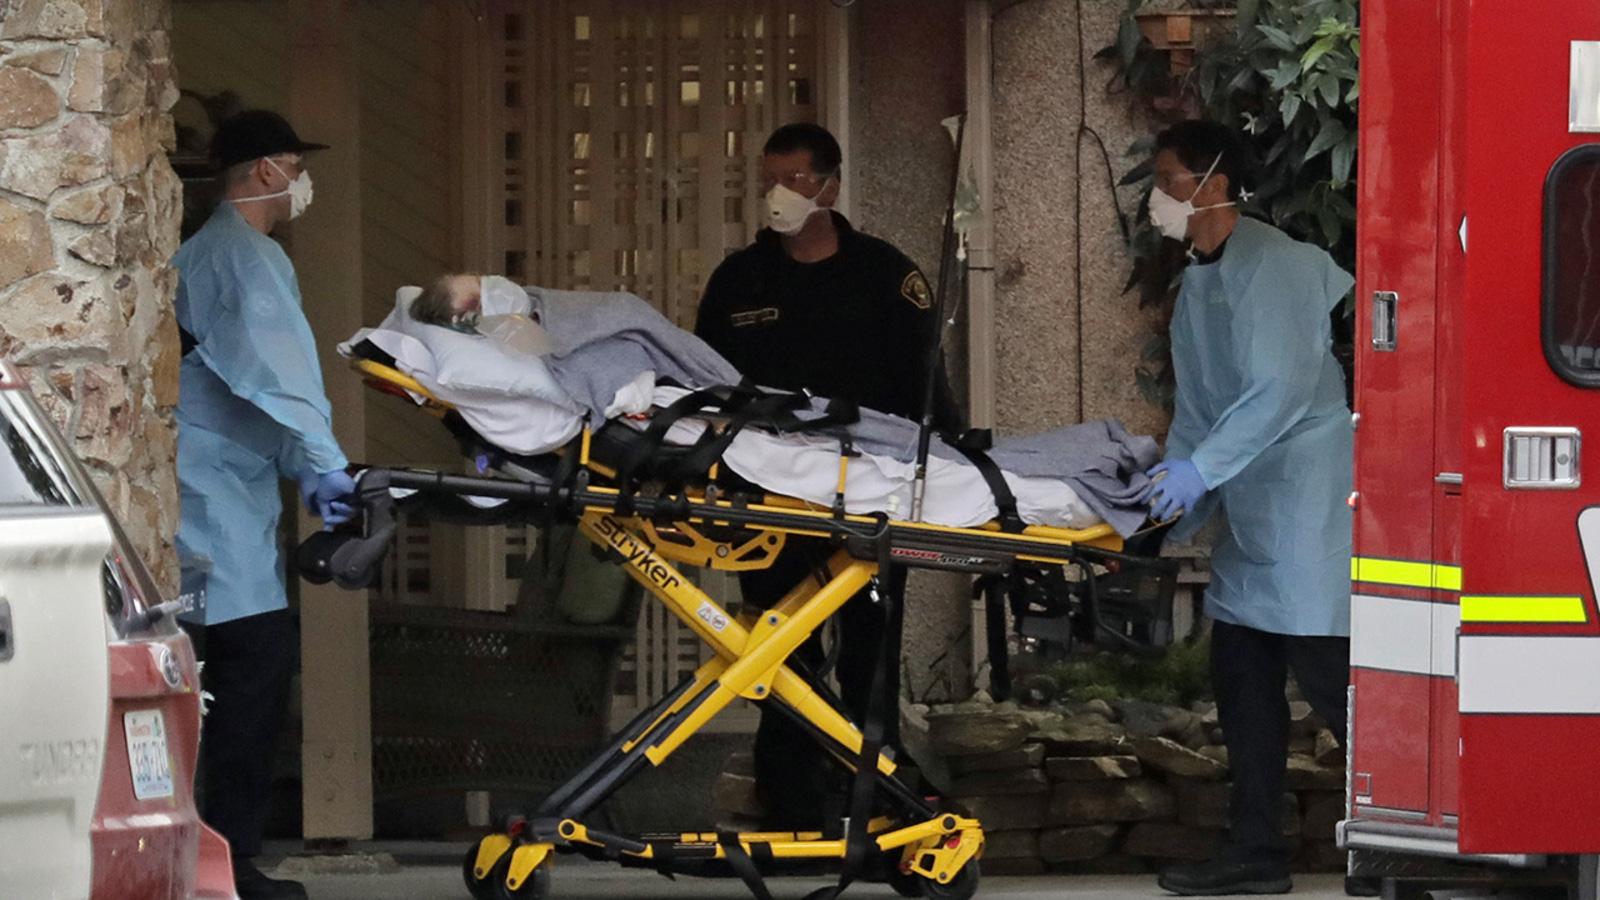 Số người tử vong do dịch Covid-19 tại Mỹ vượt 1.000, nhà nghiên cứu khó khăn thu dữ liệu - Ảnh 2.